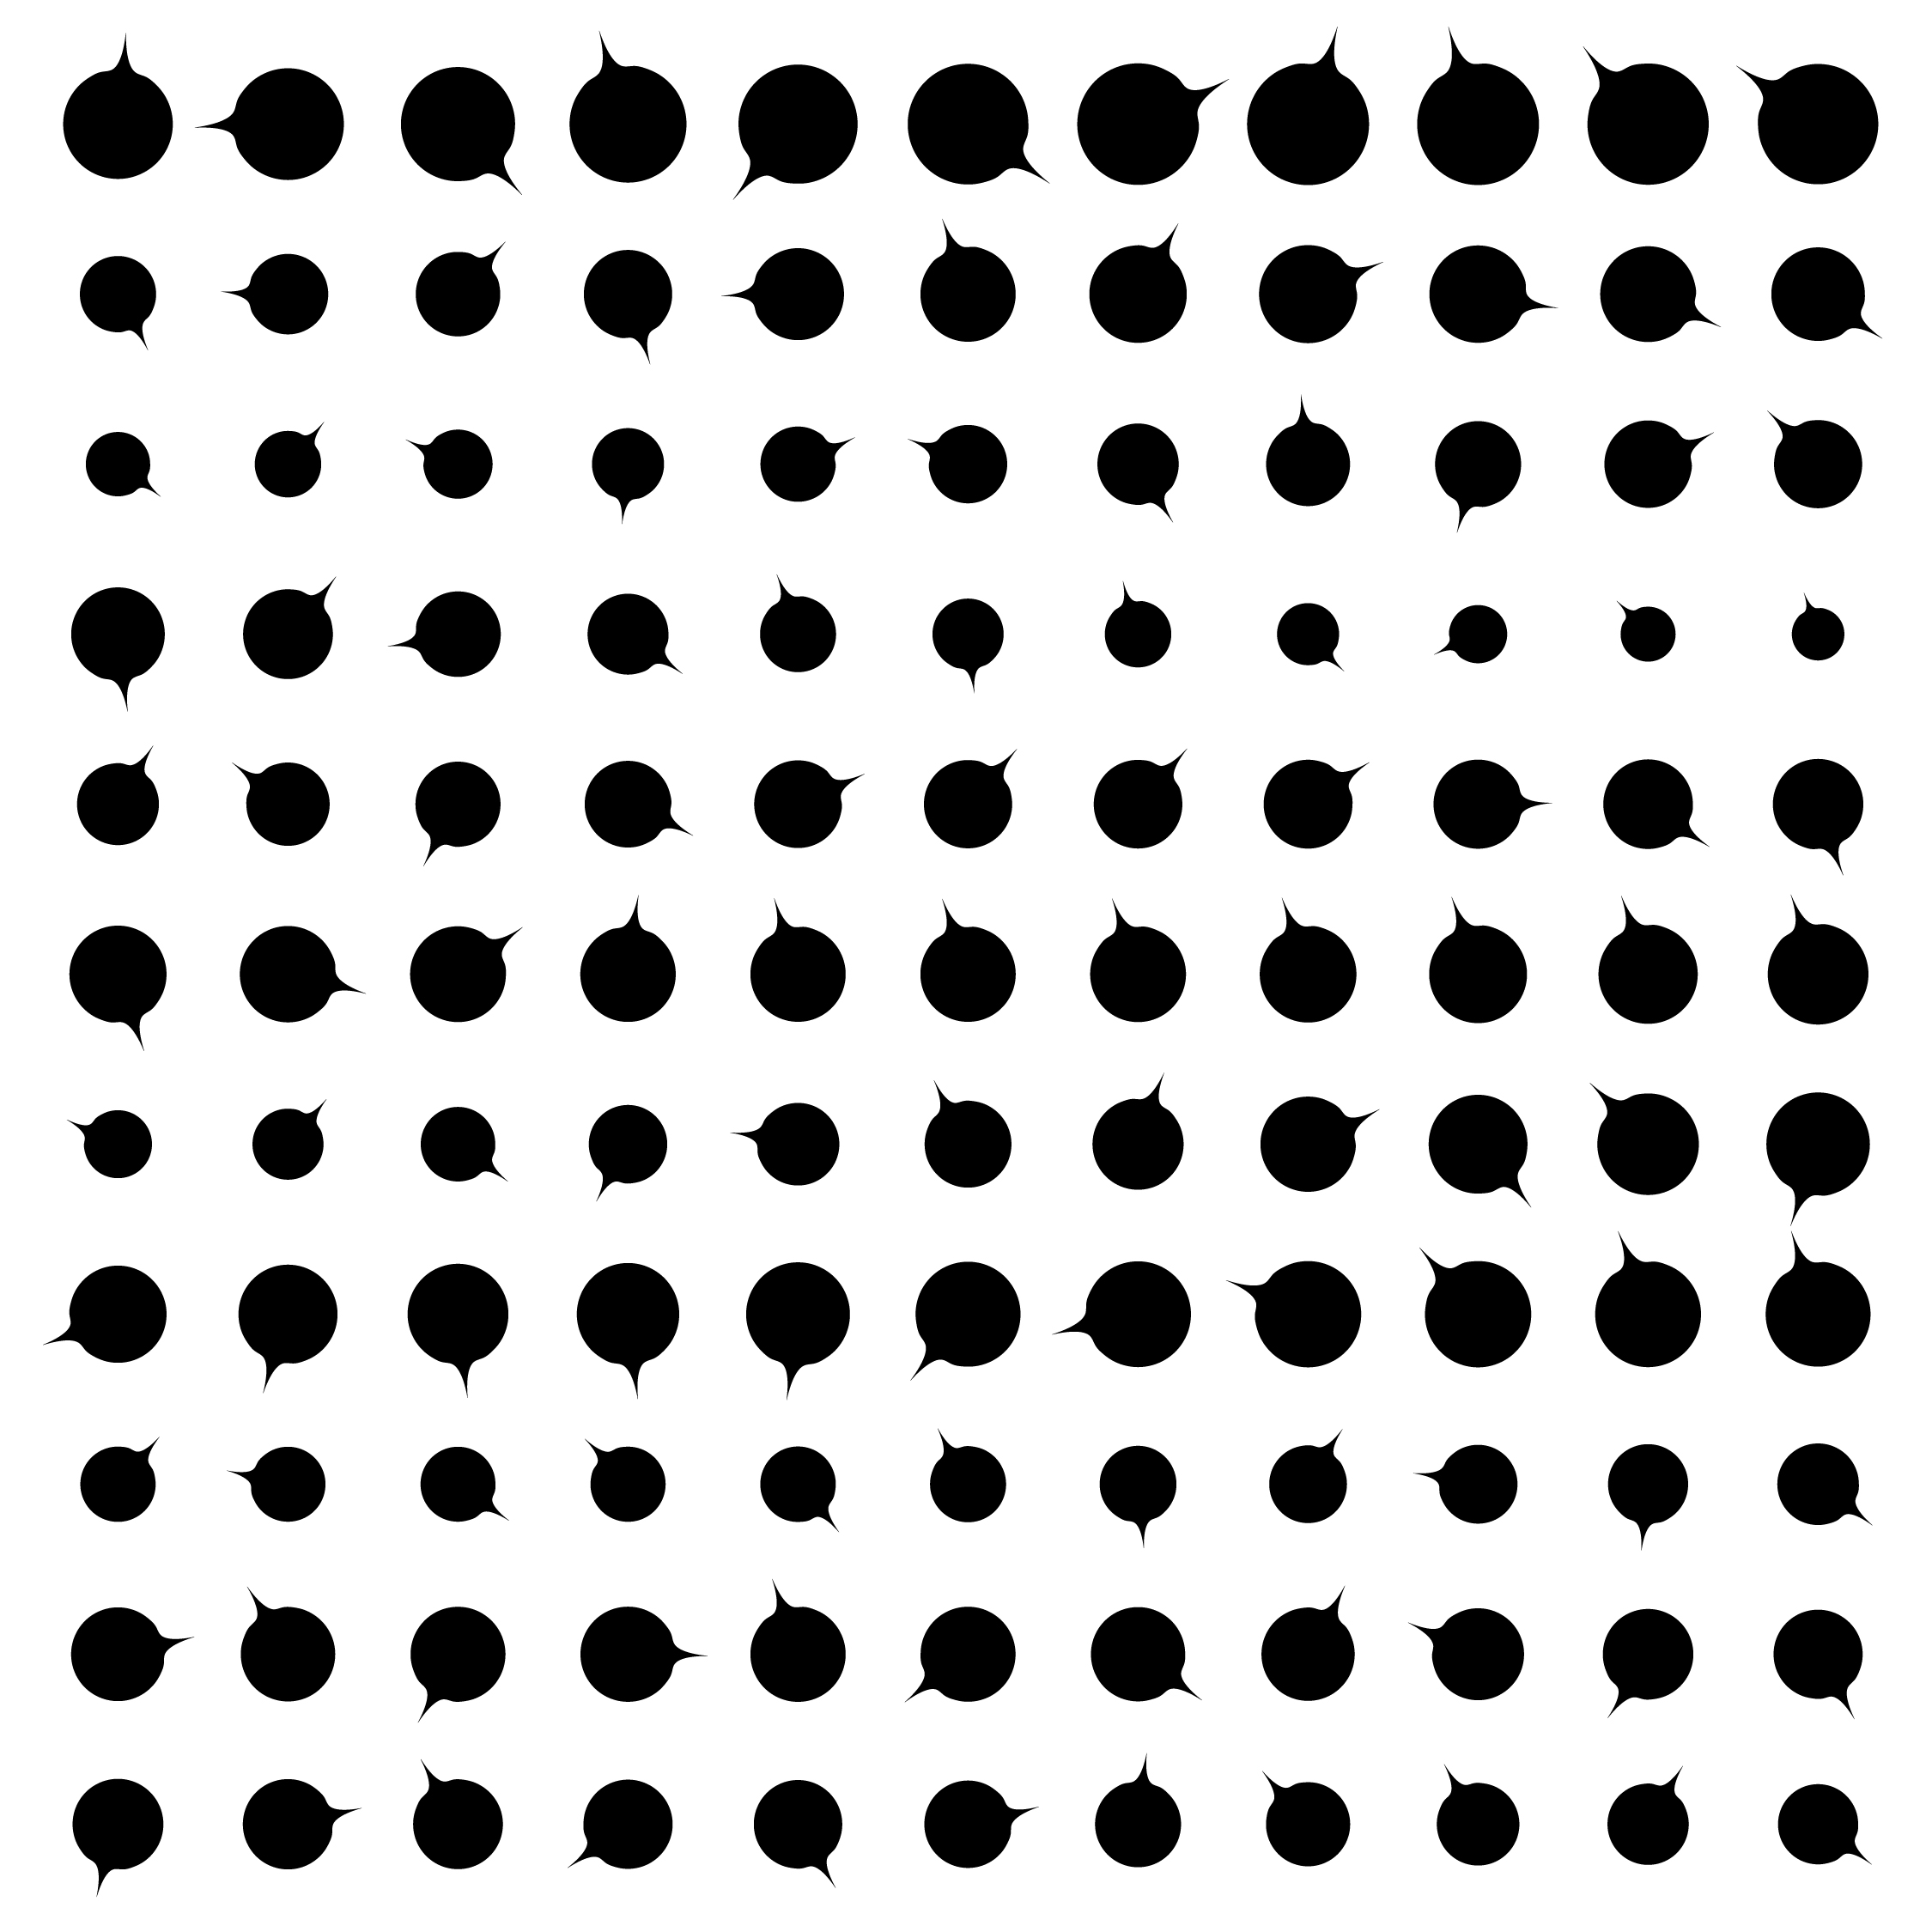 2015 11 22 data grid-06.jpg